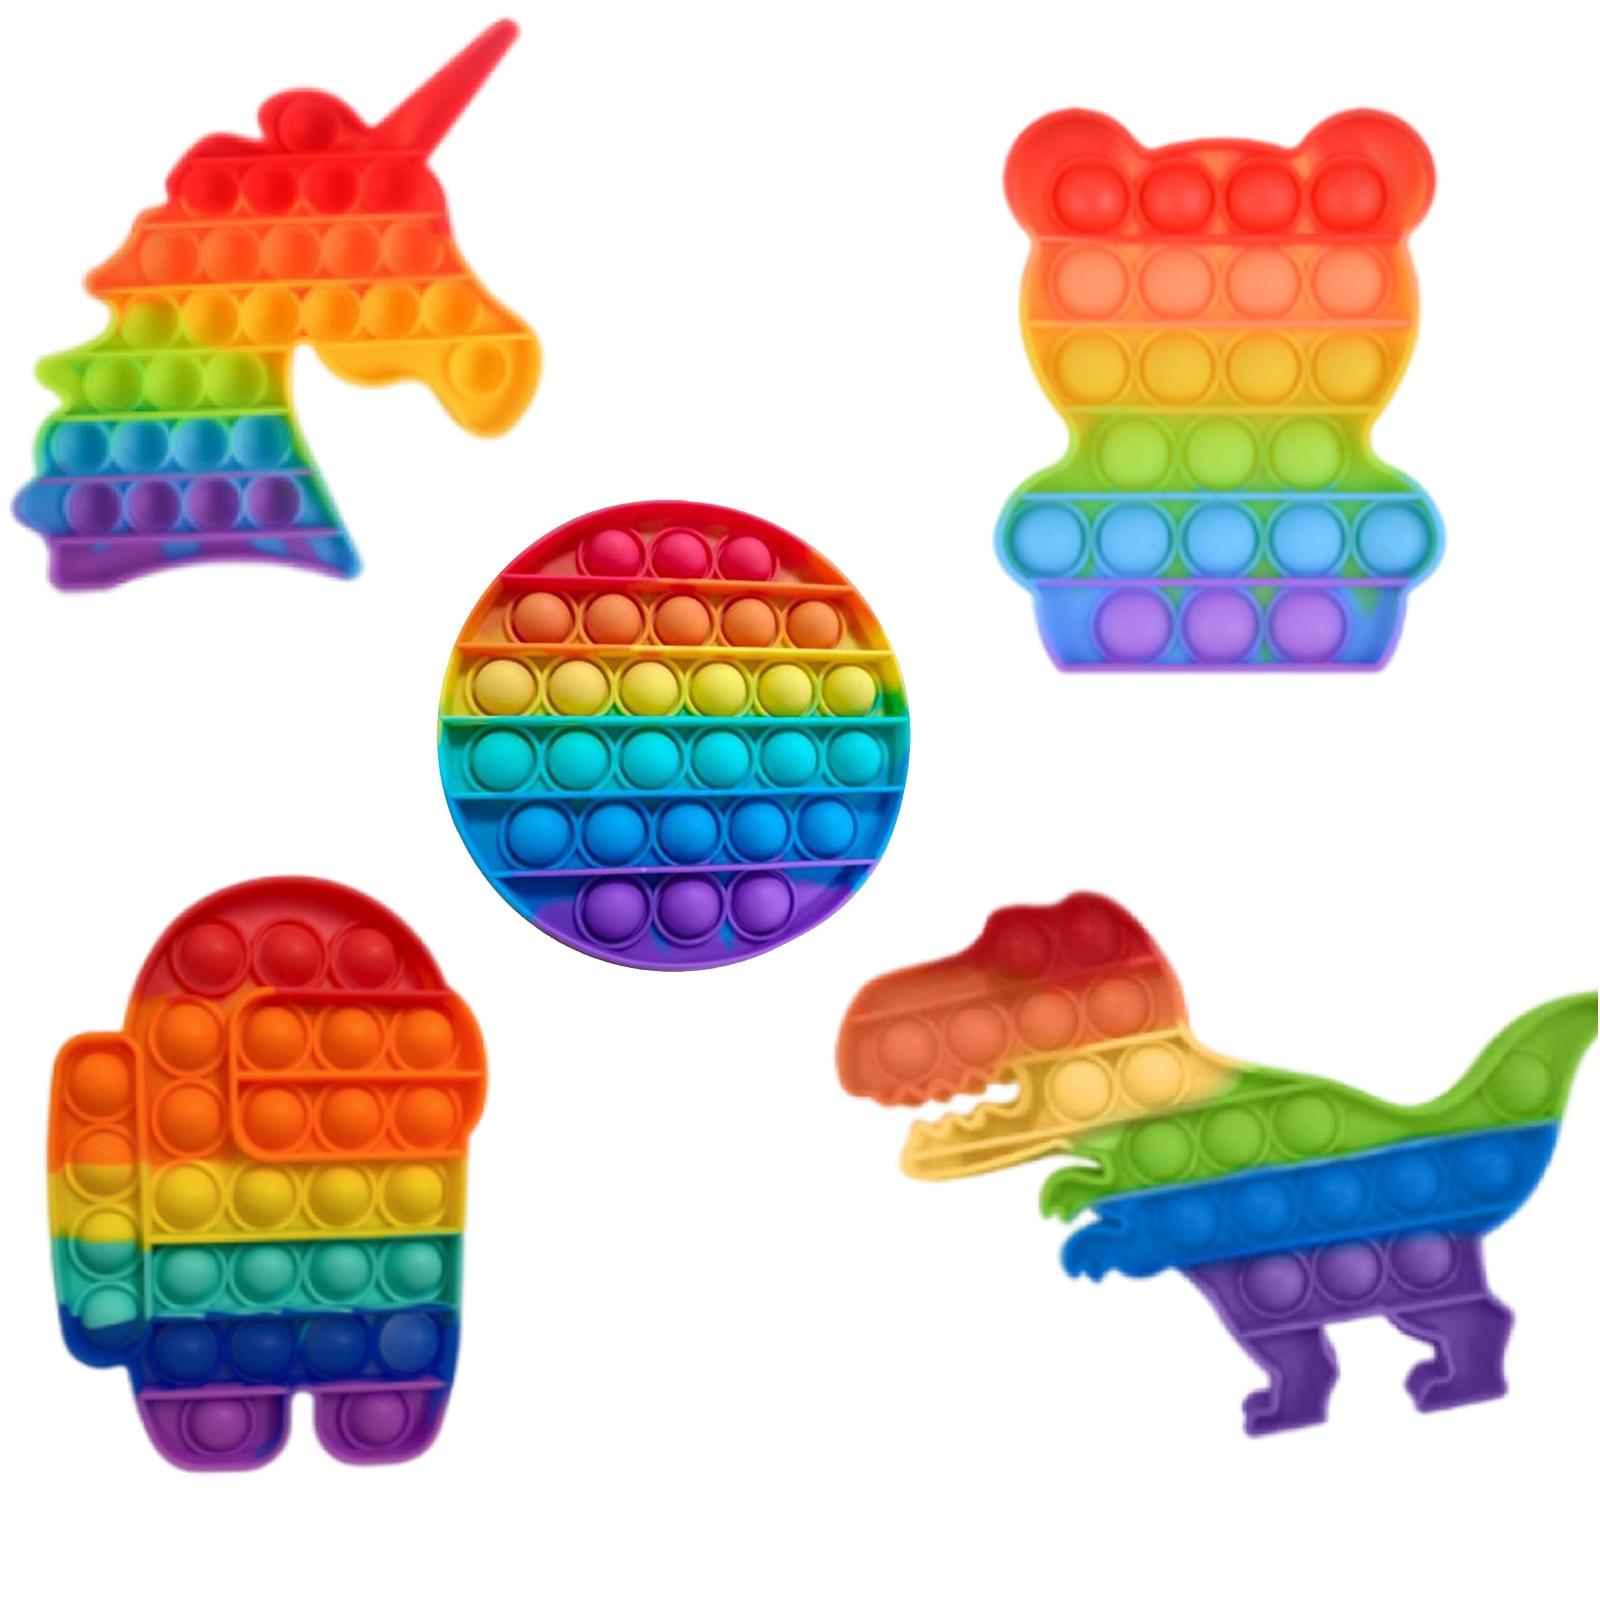 Novo pote antiestresse para crianças, conjunto de brinquedos quadrados com bolha de arco-íris para massagem, alívio de stress de chão, brinquedos para adultos